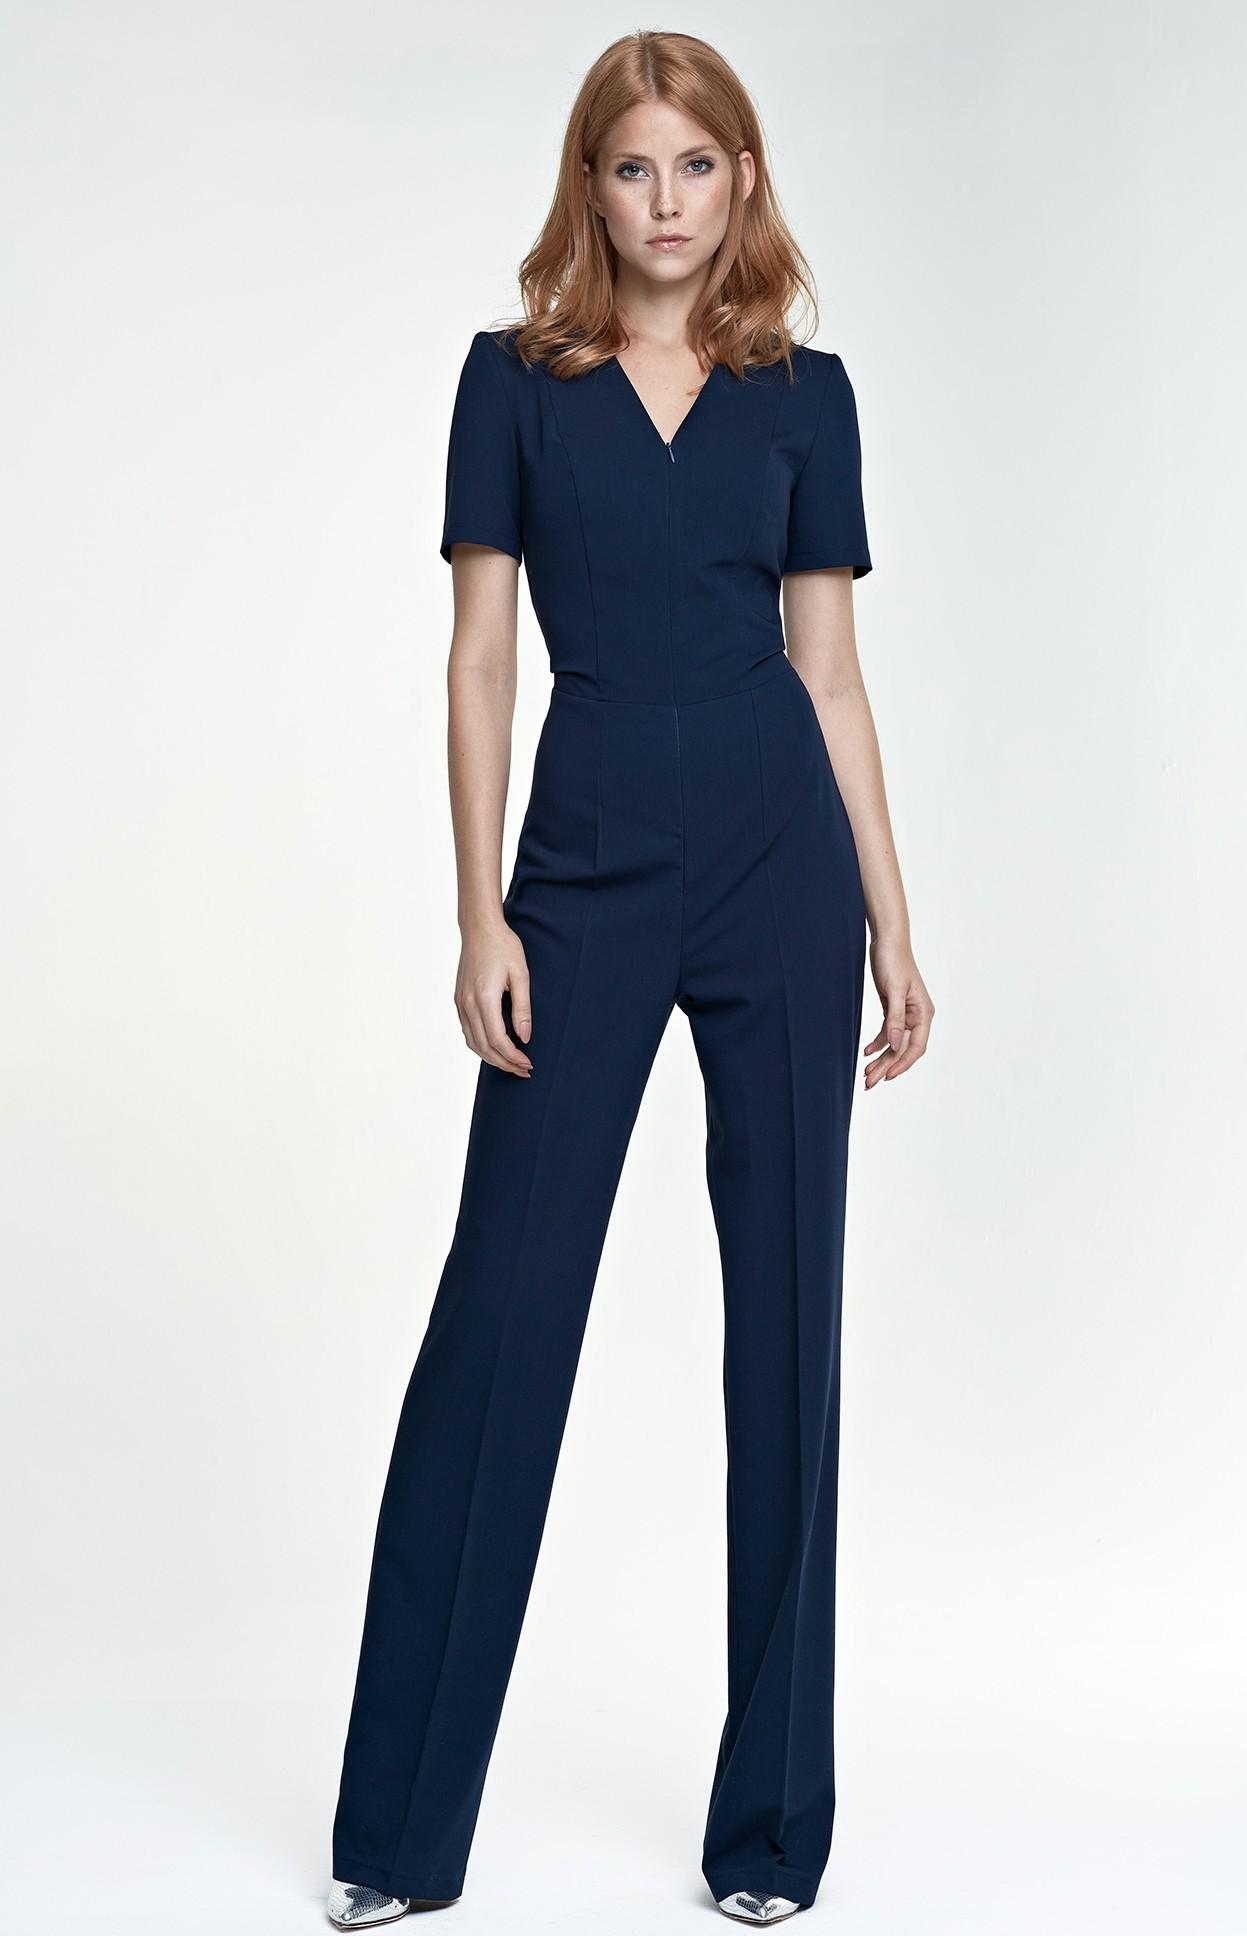 Combinaison pantalon zippée bleu marine NIK04BM   idresstocode ... 301fb8014a4